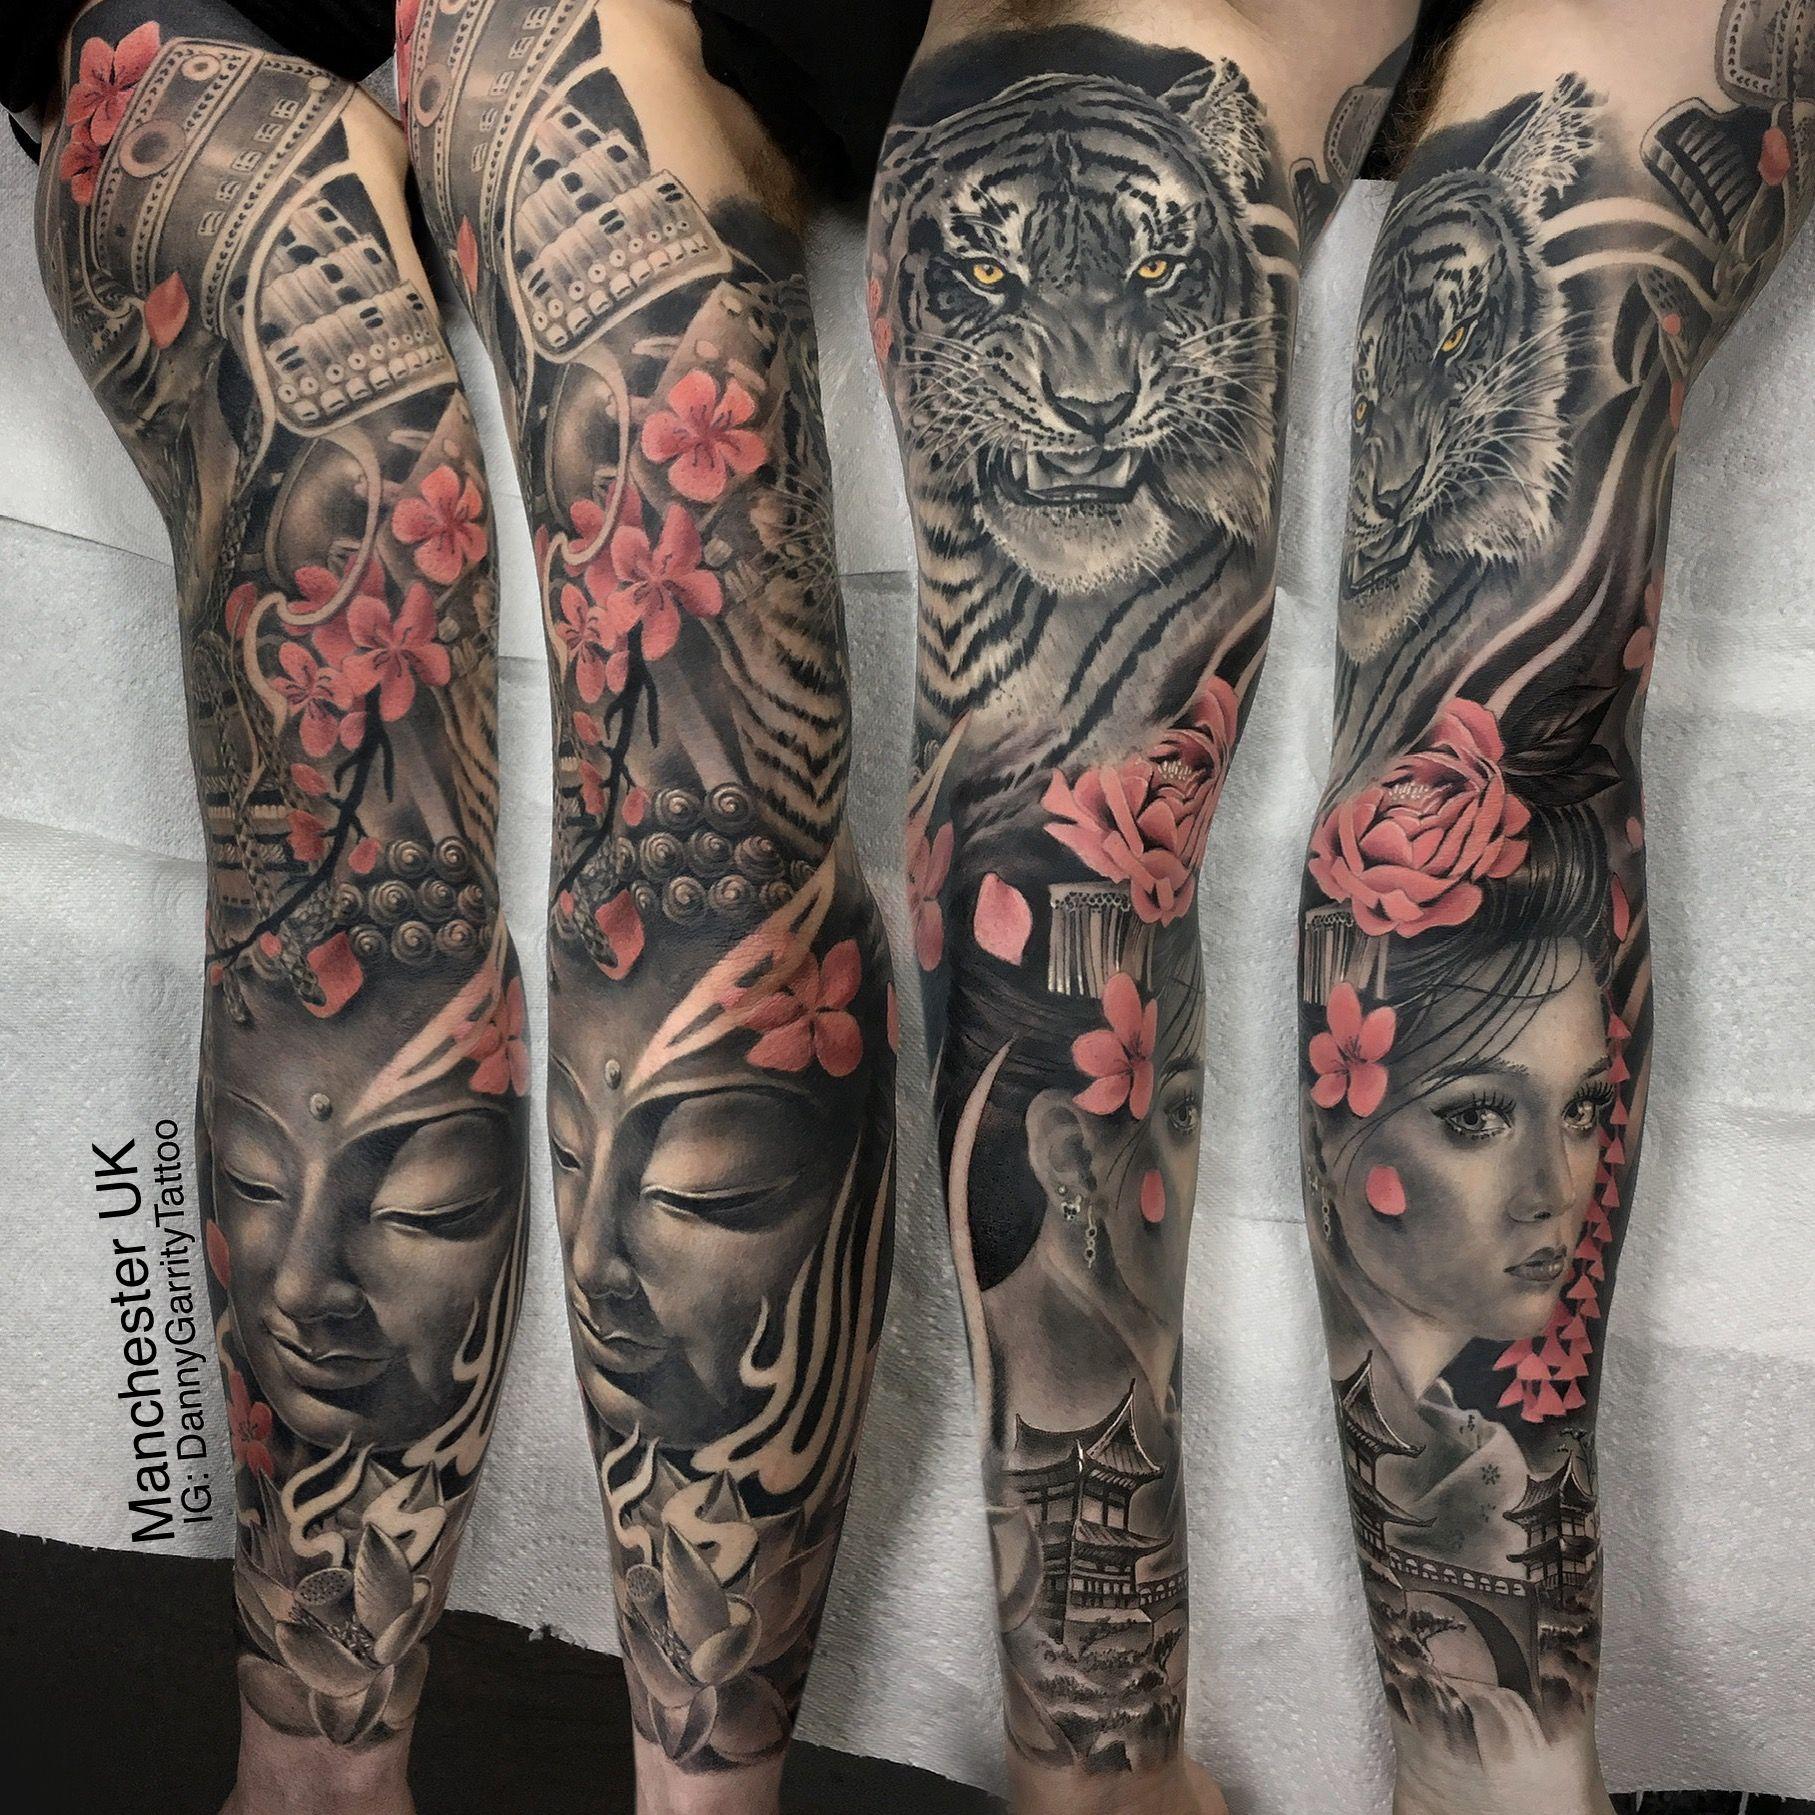 Japanese Realistic Sleeve Sleeve Tattoos Tiger Tattoo Sleeve Tattoo Sleeve Designs